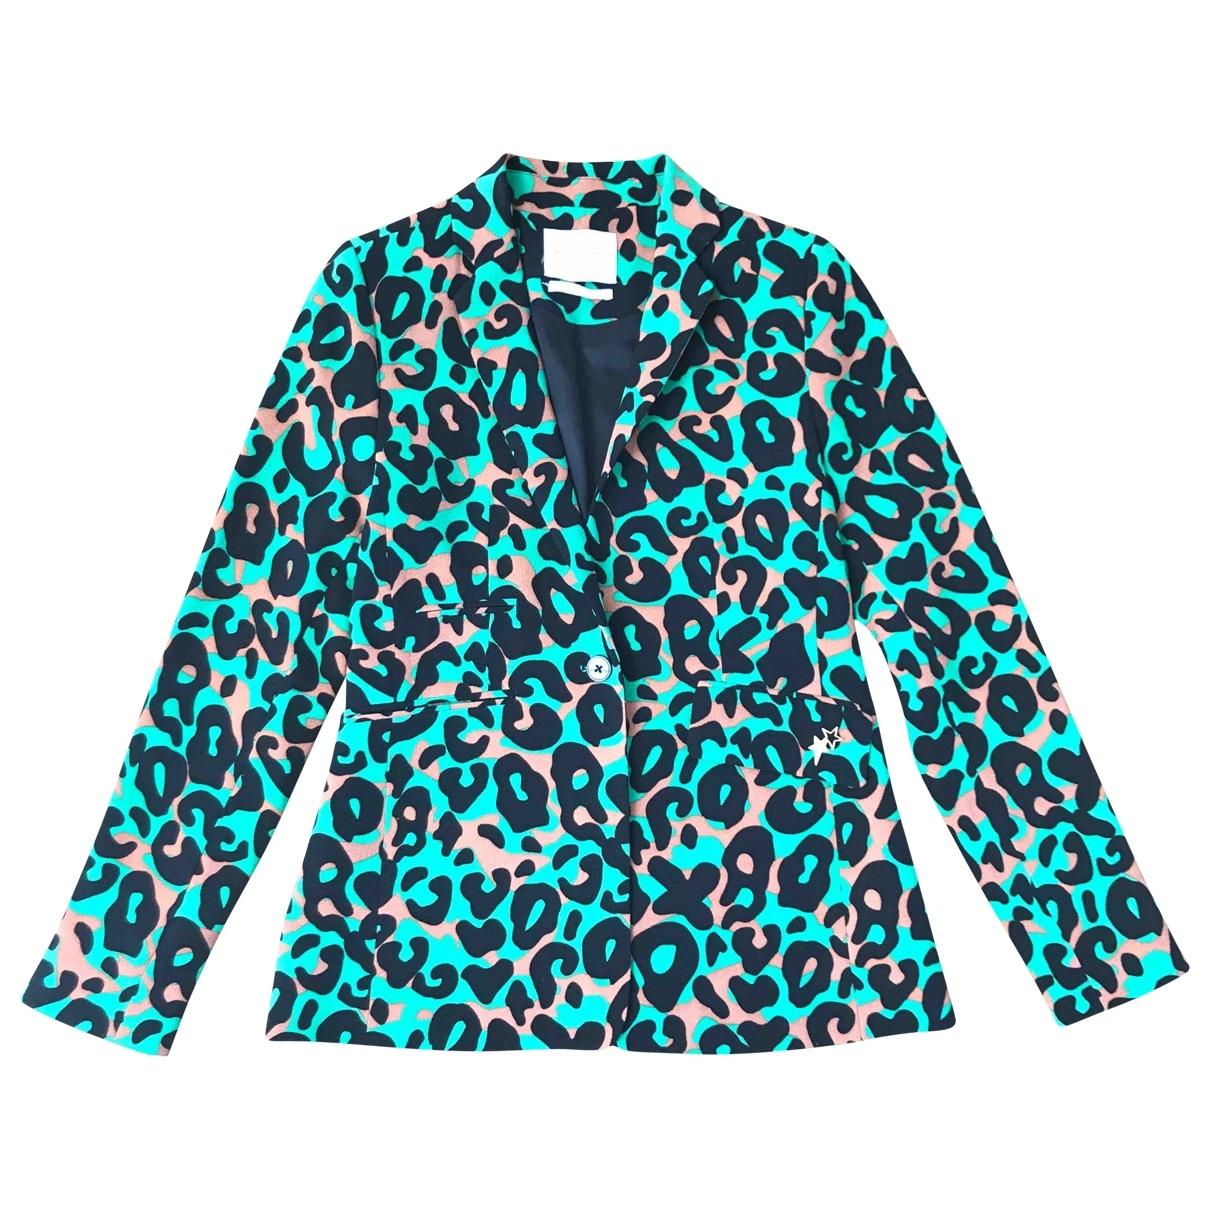 Fabienne Chapot \N Green jacket for Women XS International